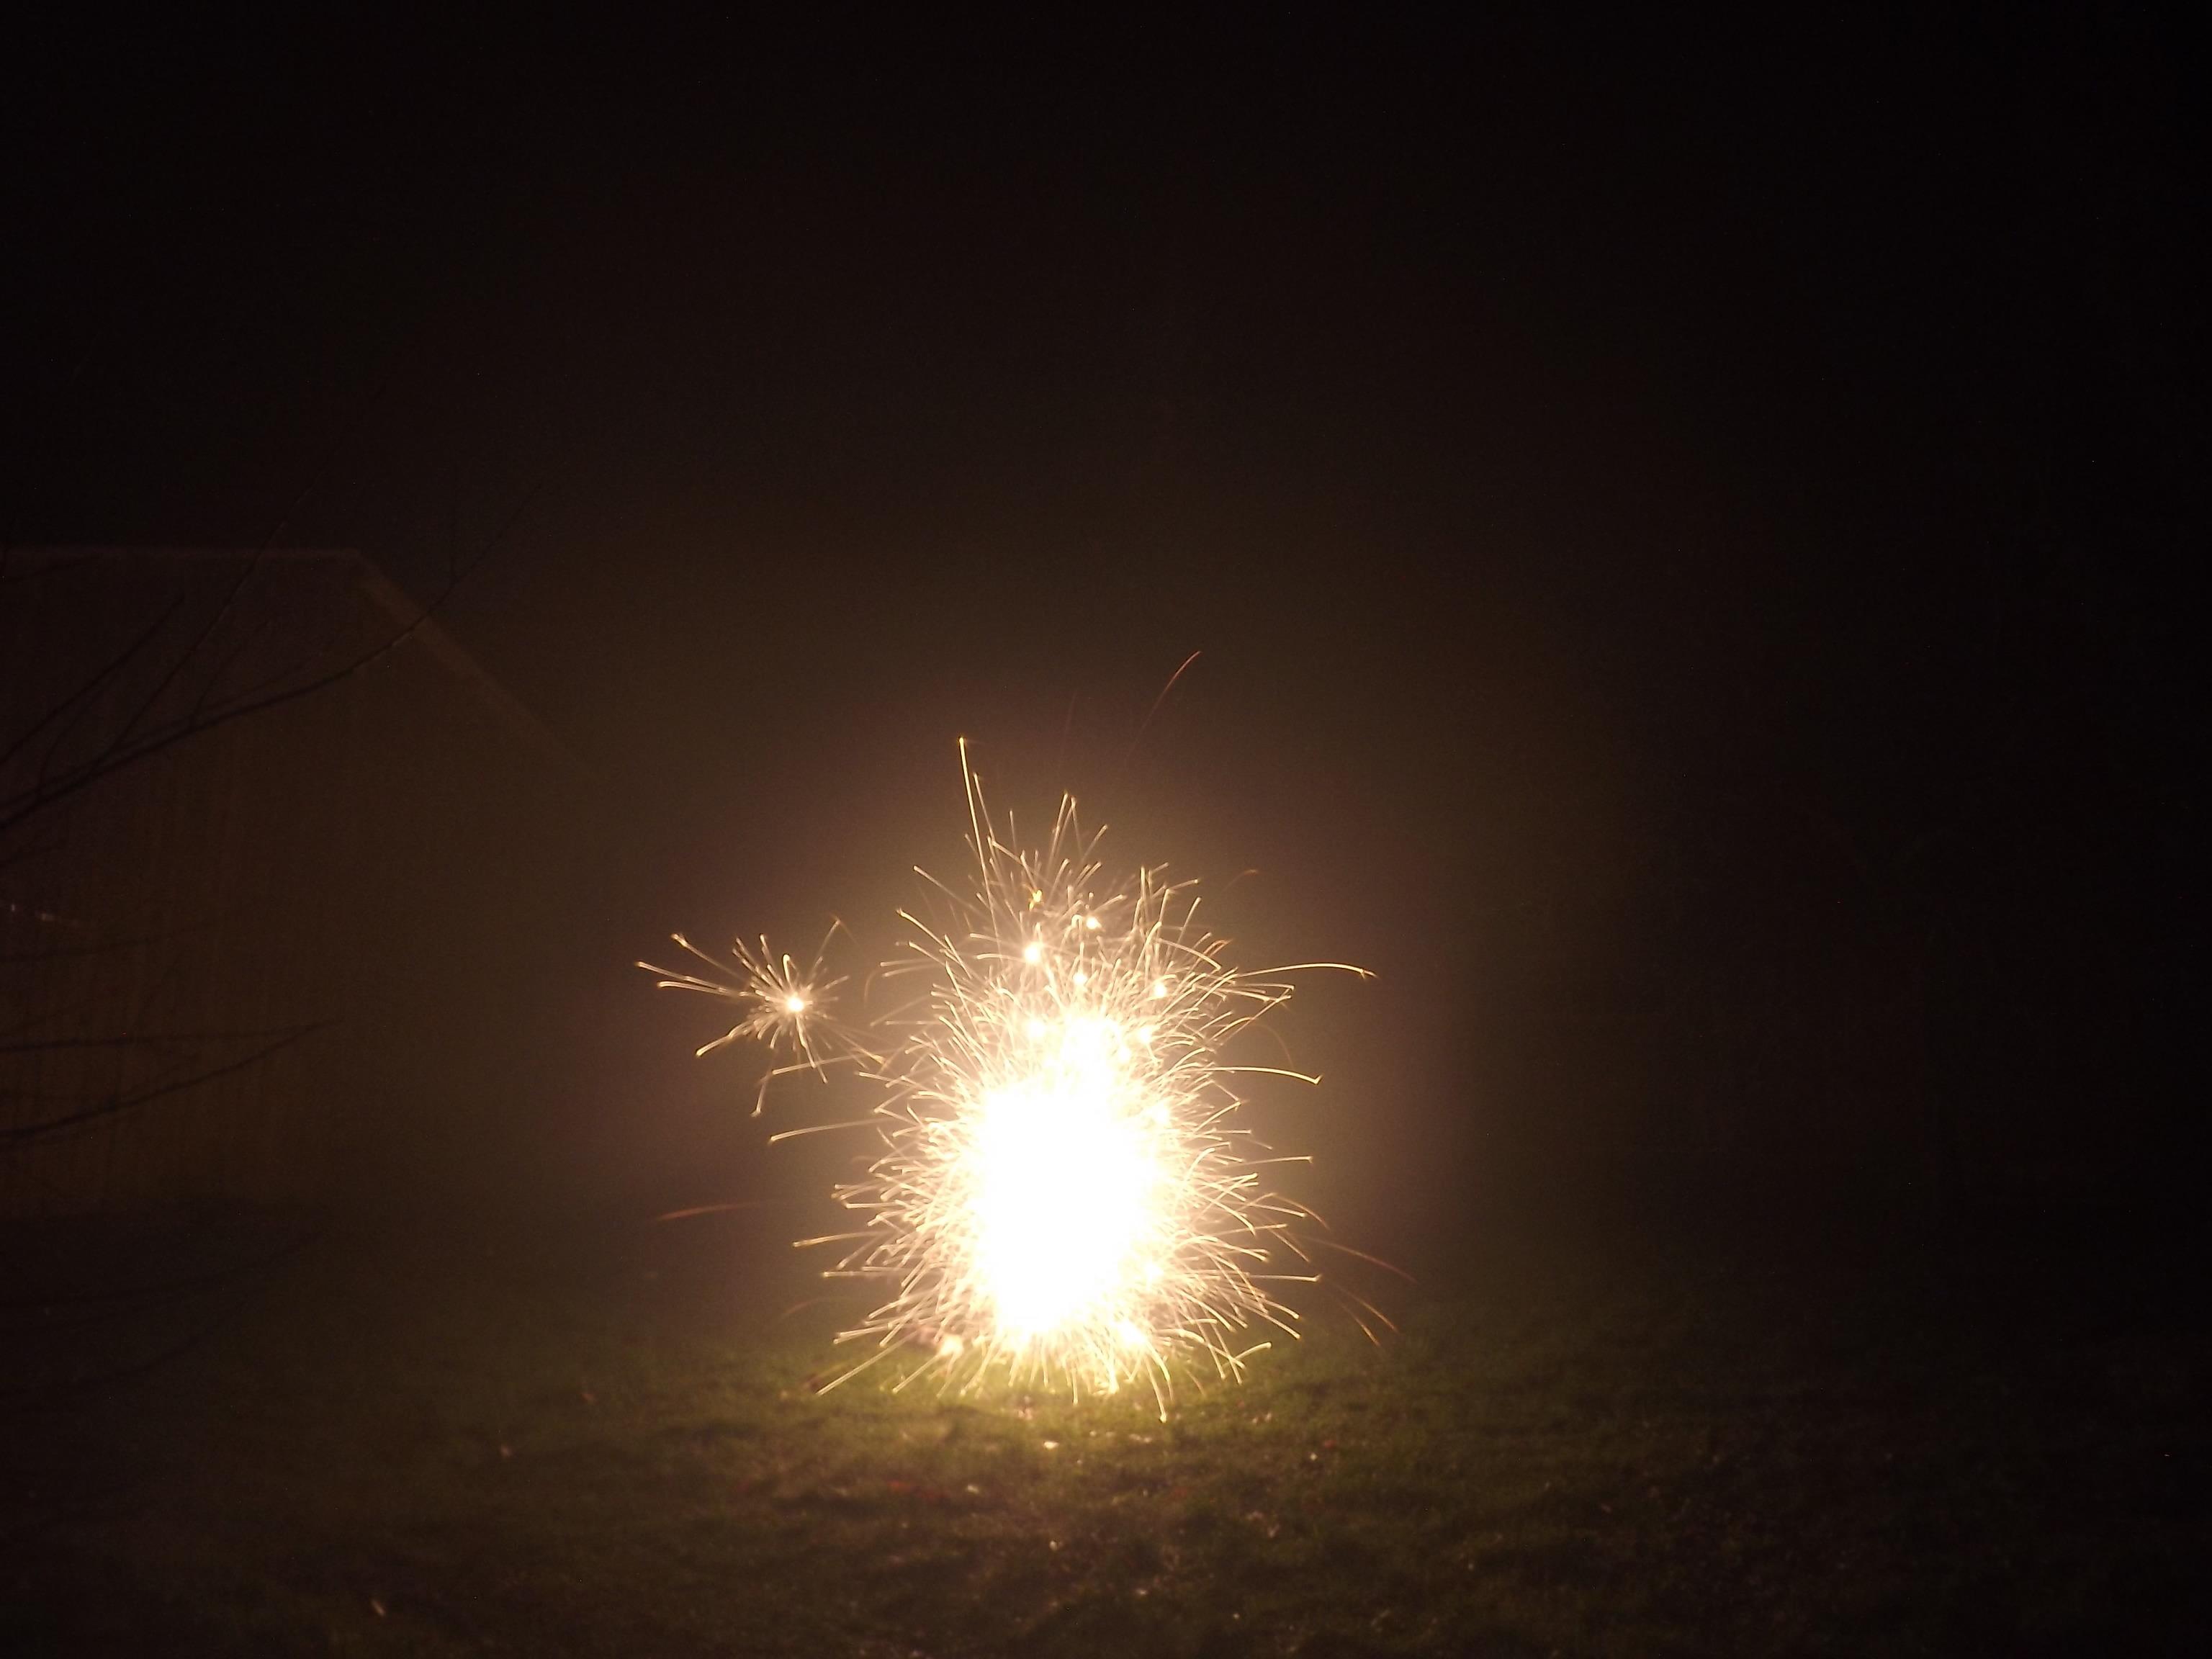 6771-feuerwerk-silvester-neujahr-feuer-crackling